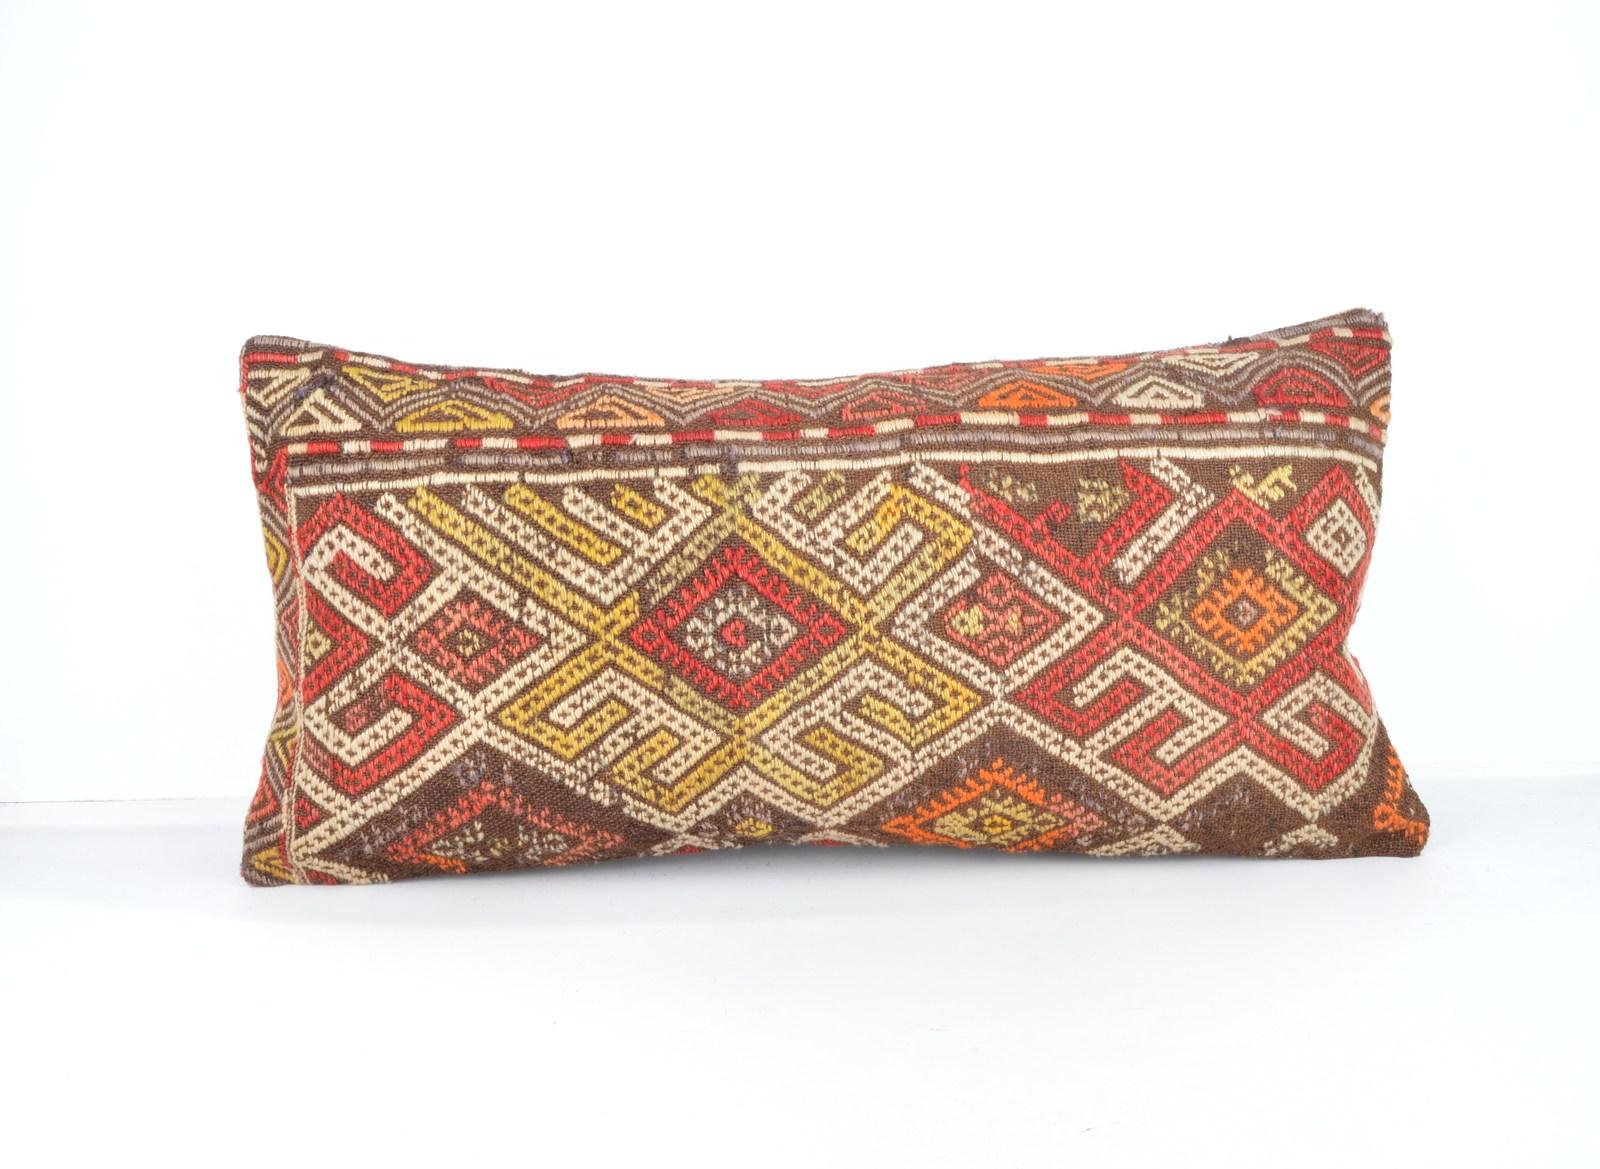 similar kilim pillow lumbar kilim cushion lumbar  pillows size 12x24 inch